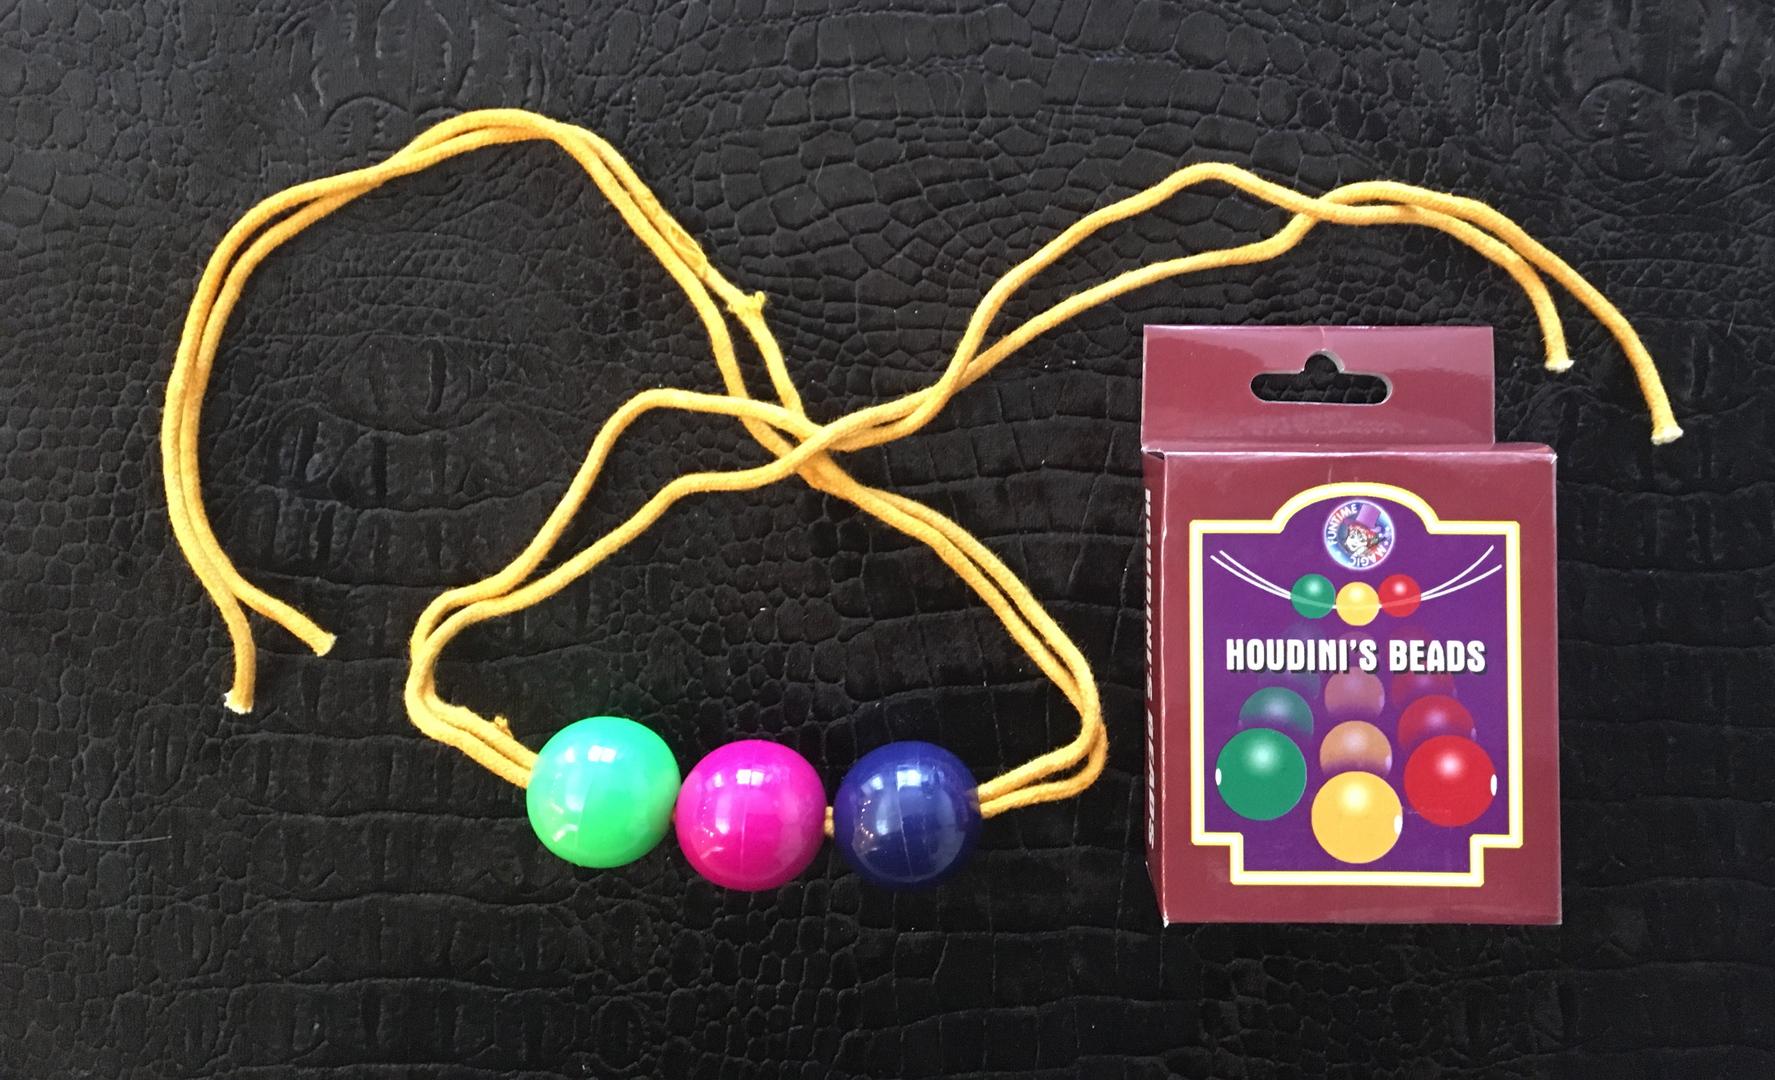 Houdini's Beads